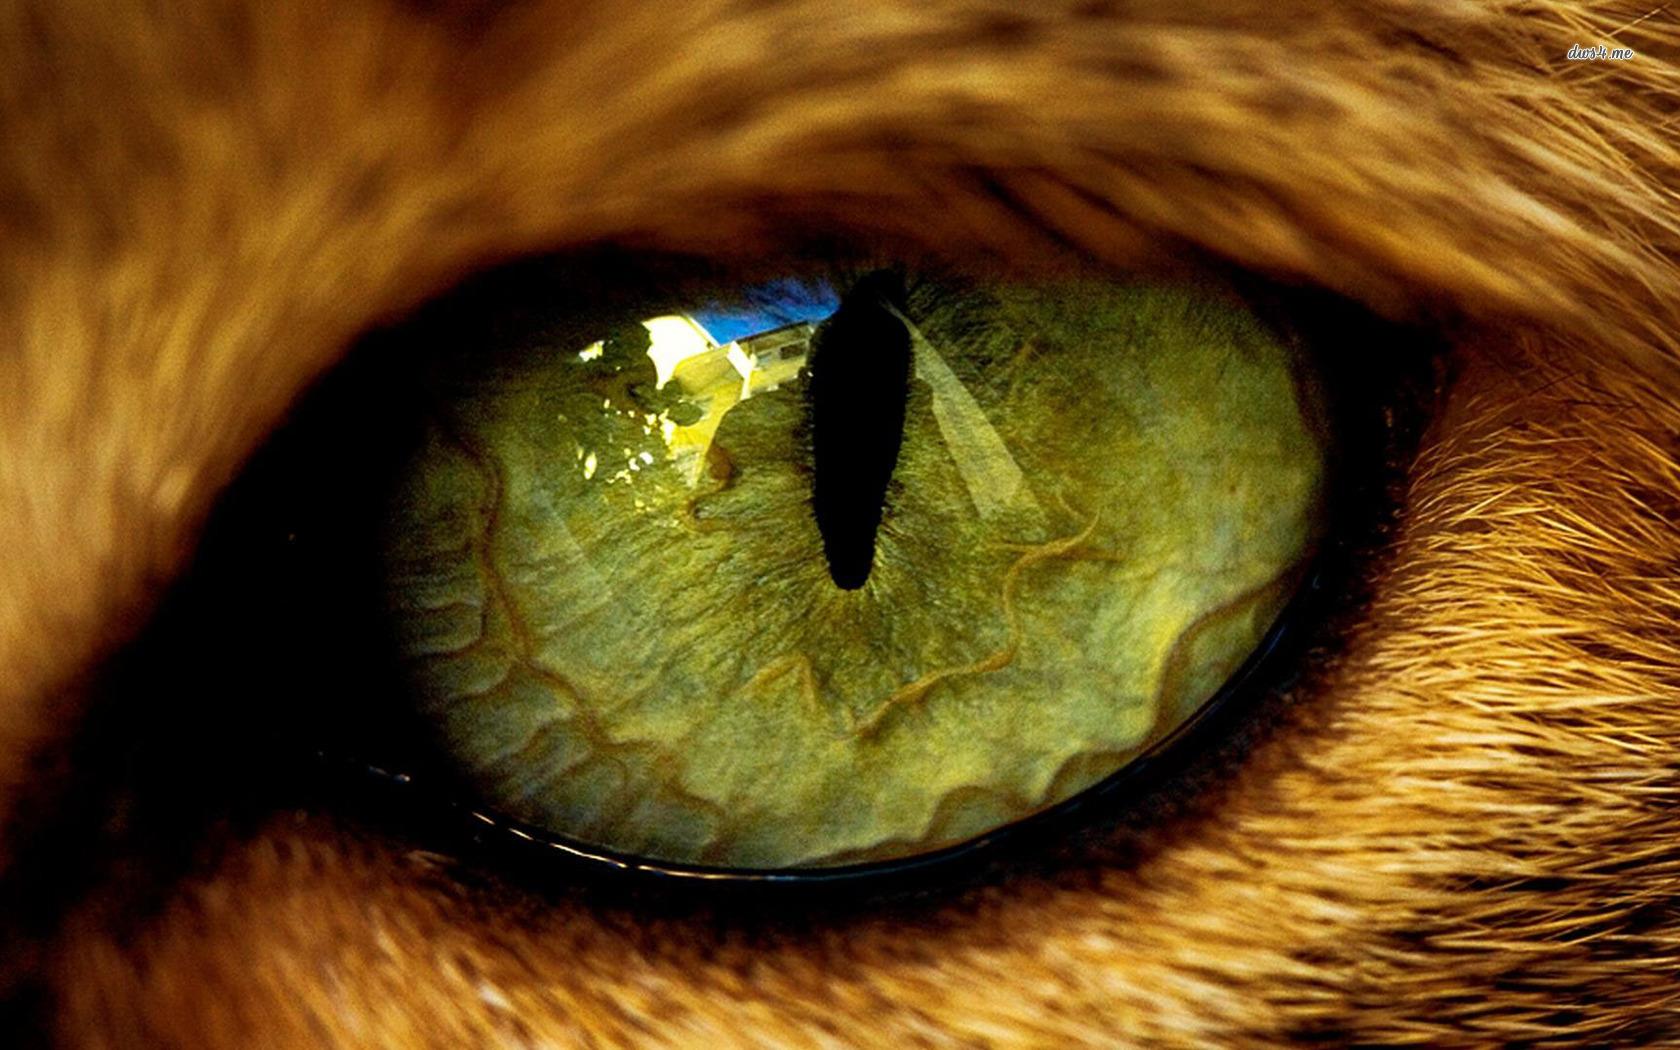 Animal Eye Wallpaper